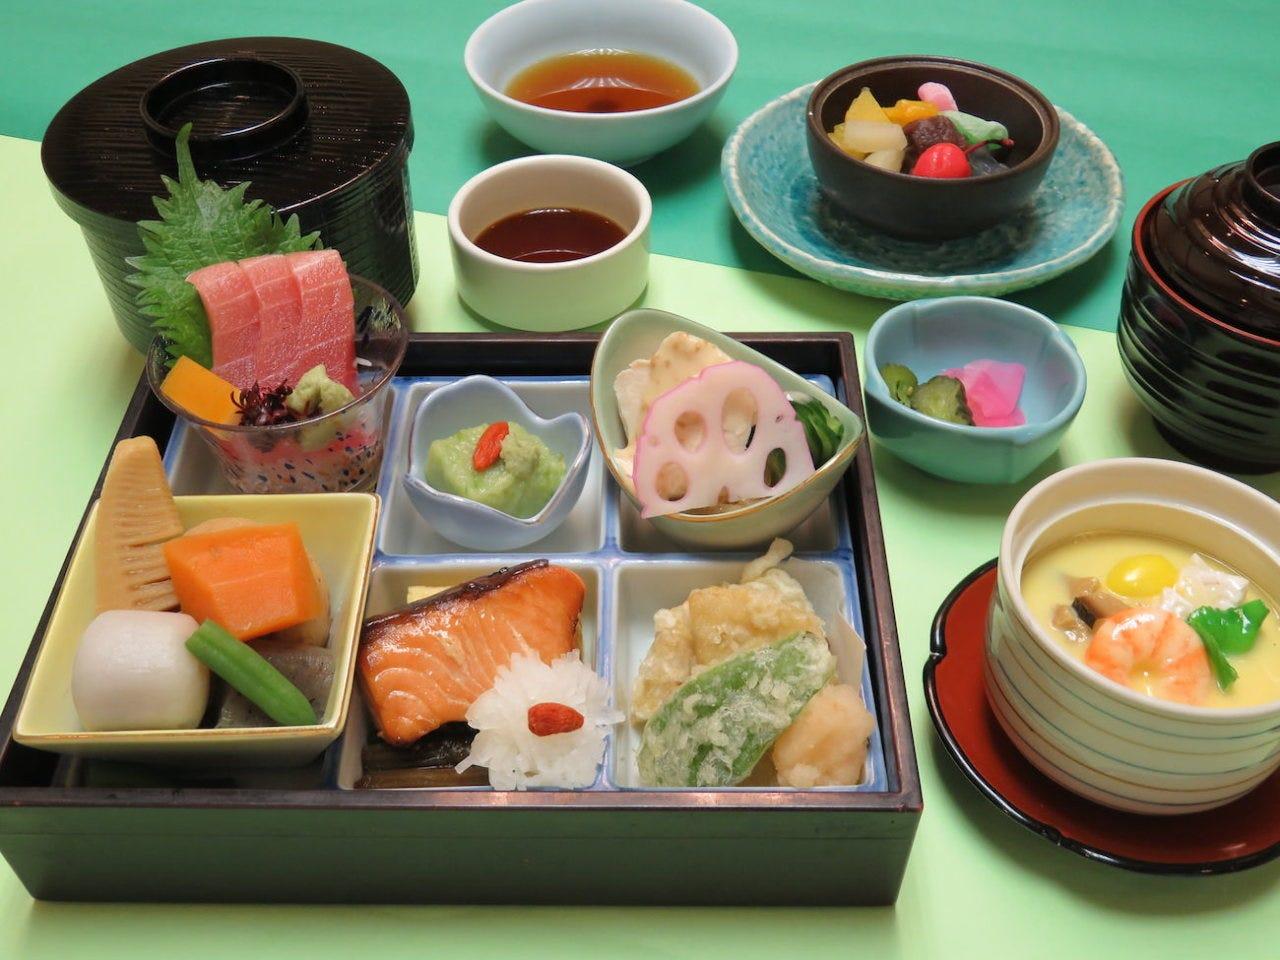 初夏の彩膳 1,580円(税込)